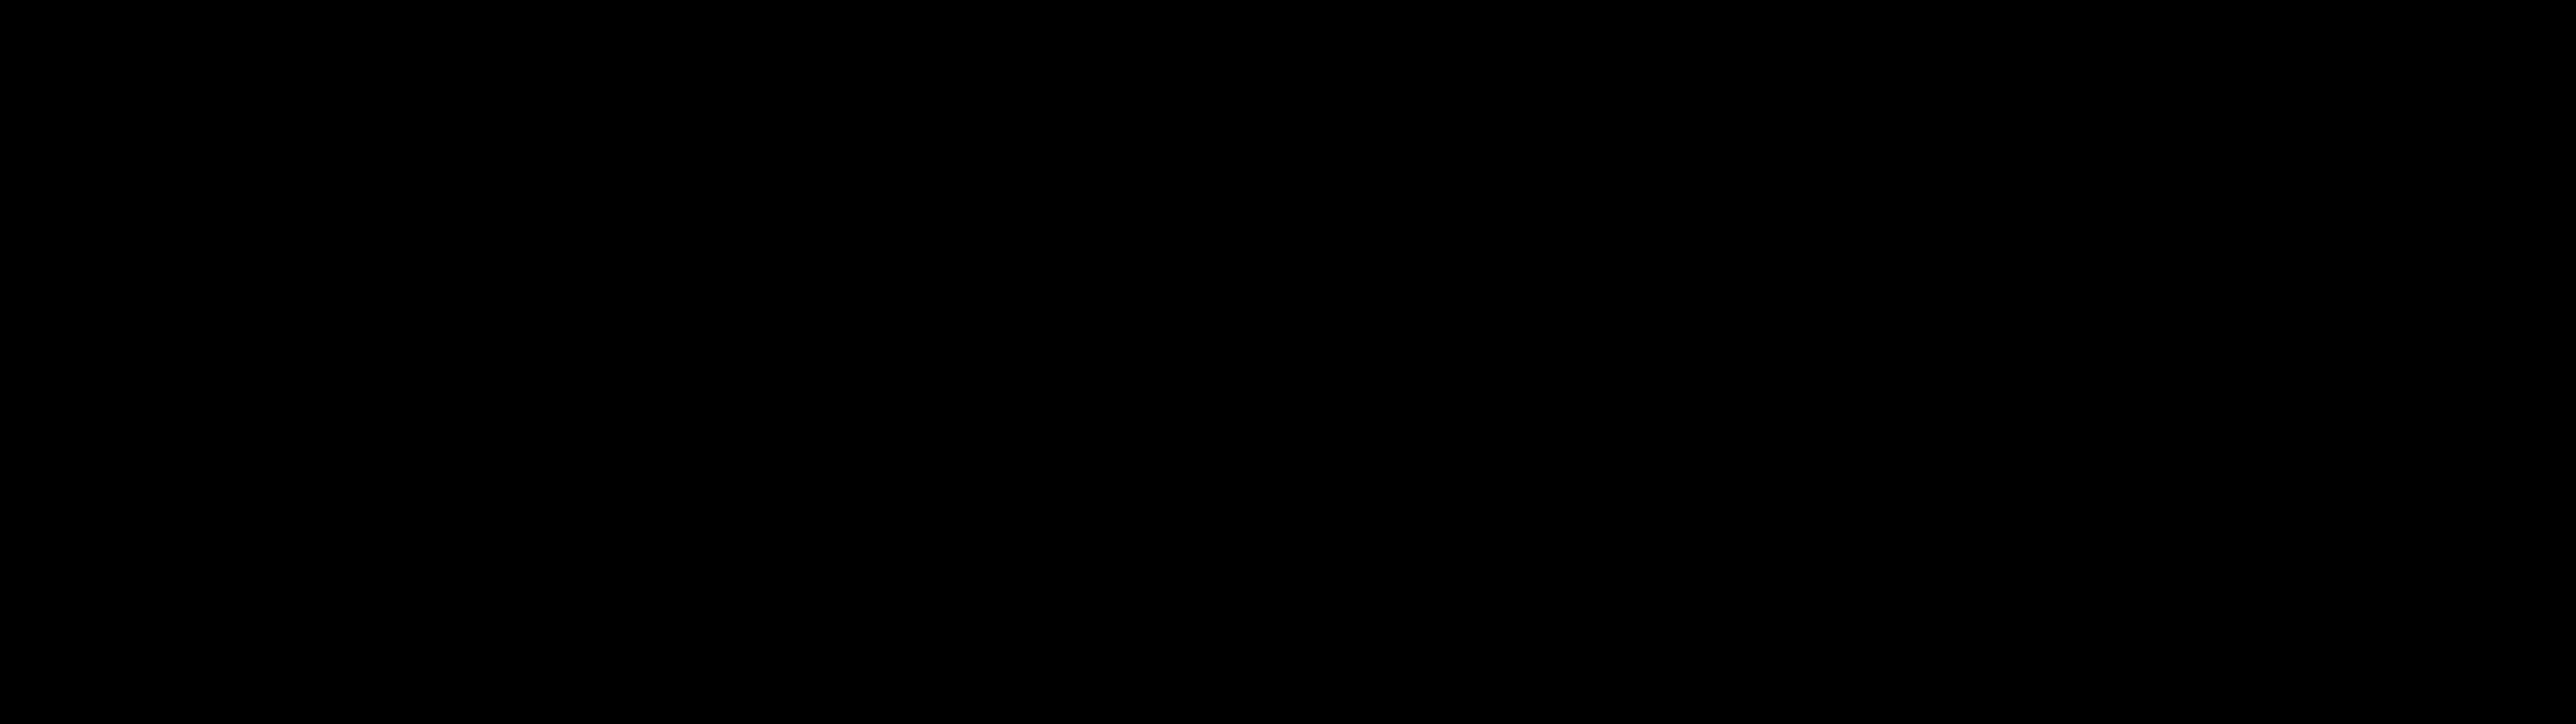 bizzfoss